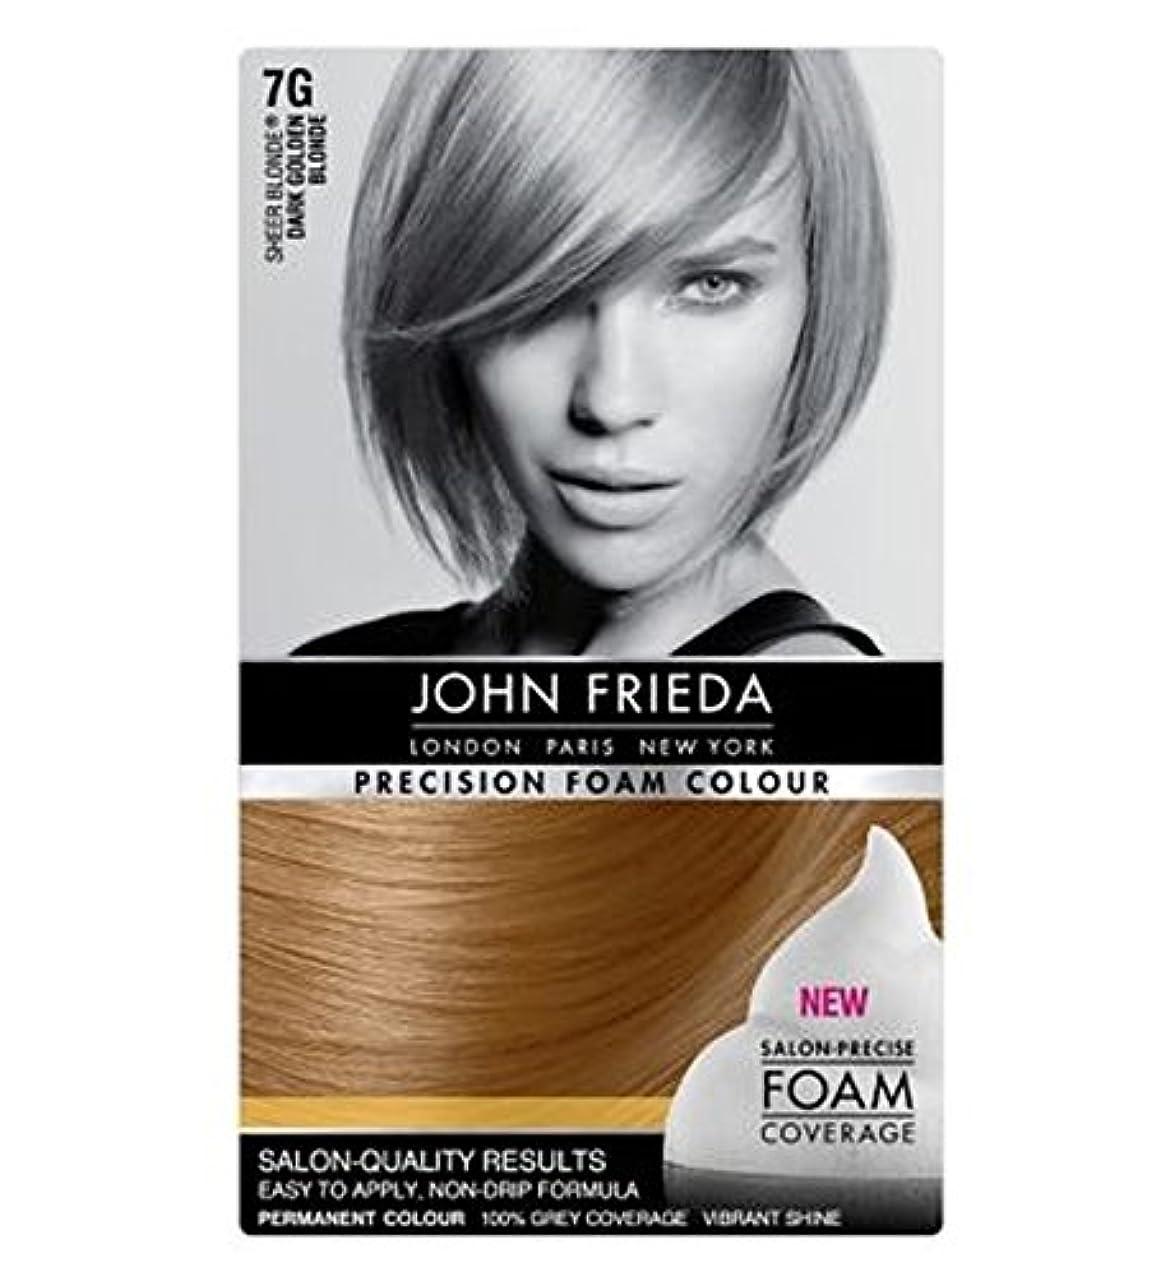 甲虫始まり小切手ジョン?フリーダ精密泡カラー7グラムダークゴールデンブロンド (John Frieda) (x2) - John Frieda Precision Foam Colour 7G Dark Golden Blonde (Pack of 2) [並行輸入品]